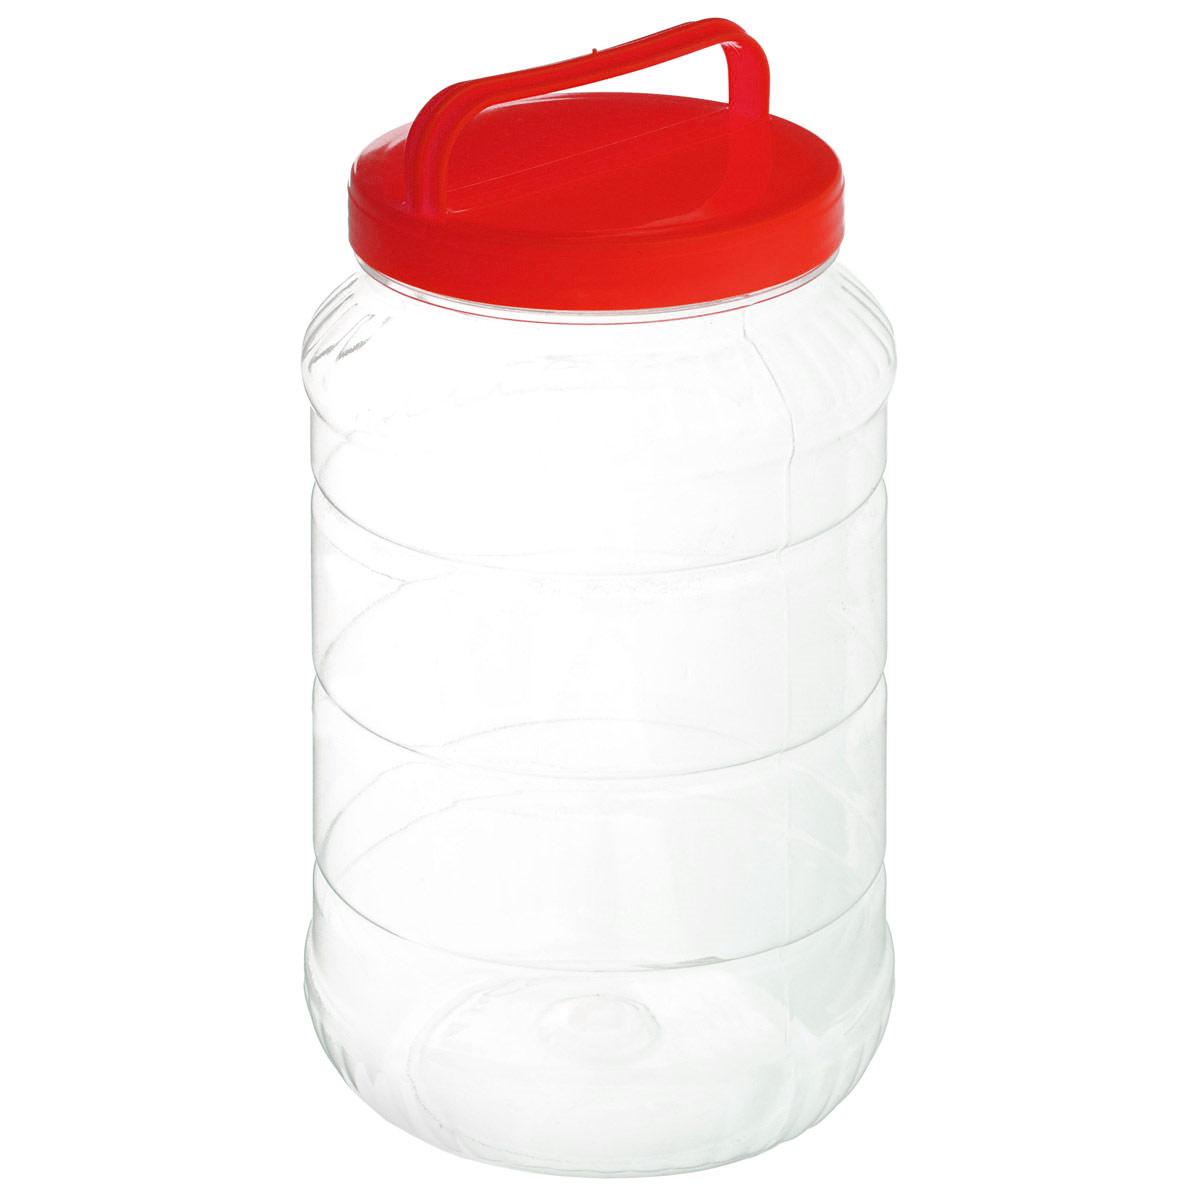 Бидон Альтернатива, цвет: красный, 3 лМ462_красныйБидон Альтернатива предназначен для хранения и переноски пищевых продуктов, таких как молоко, вода и прочее. Выполнен из пищевого высококачественного ПЭТ. Оснащен ручкой для удобной переноски. Бидон Альтернатива станет незаменимым аксессуаром на вашей кухне. Высота бидона (без учета крышки): 25 см. Диаметр: 10,5 см.